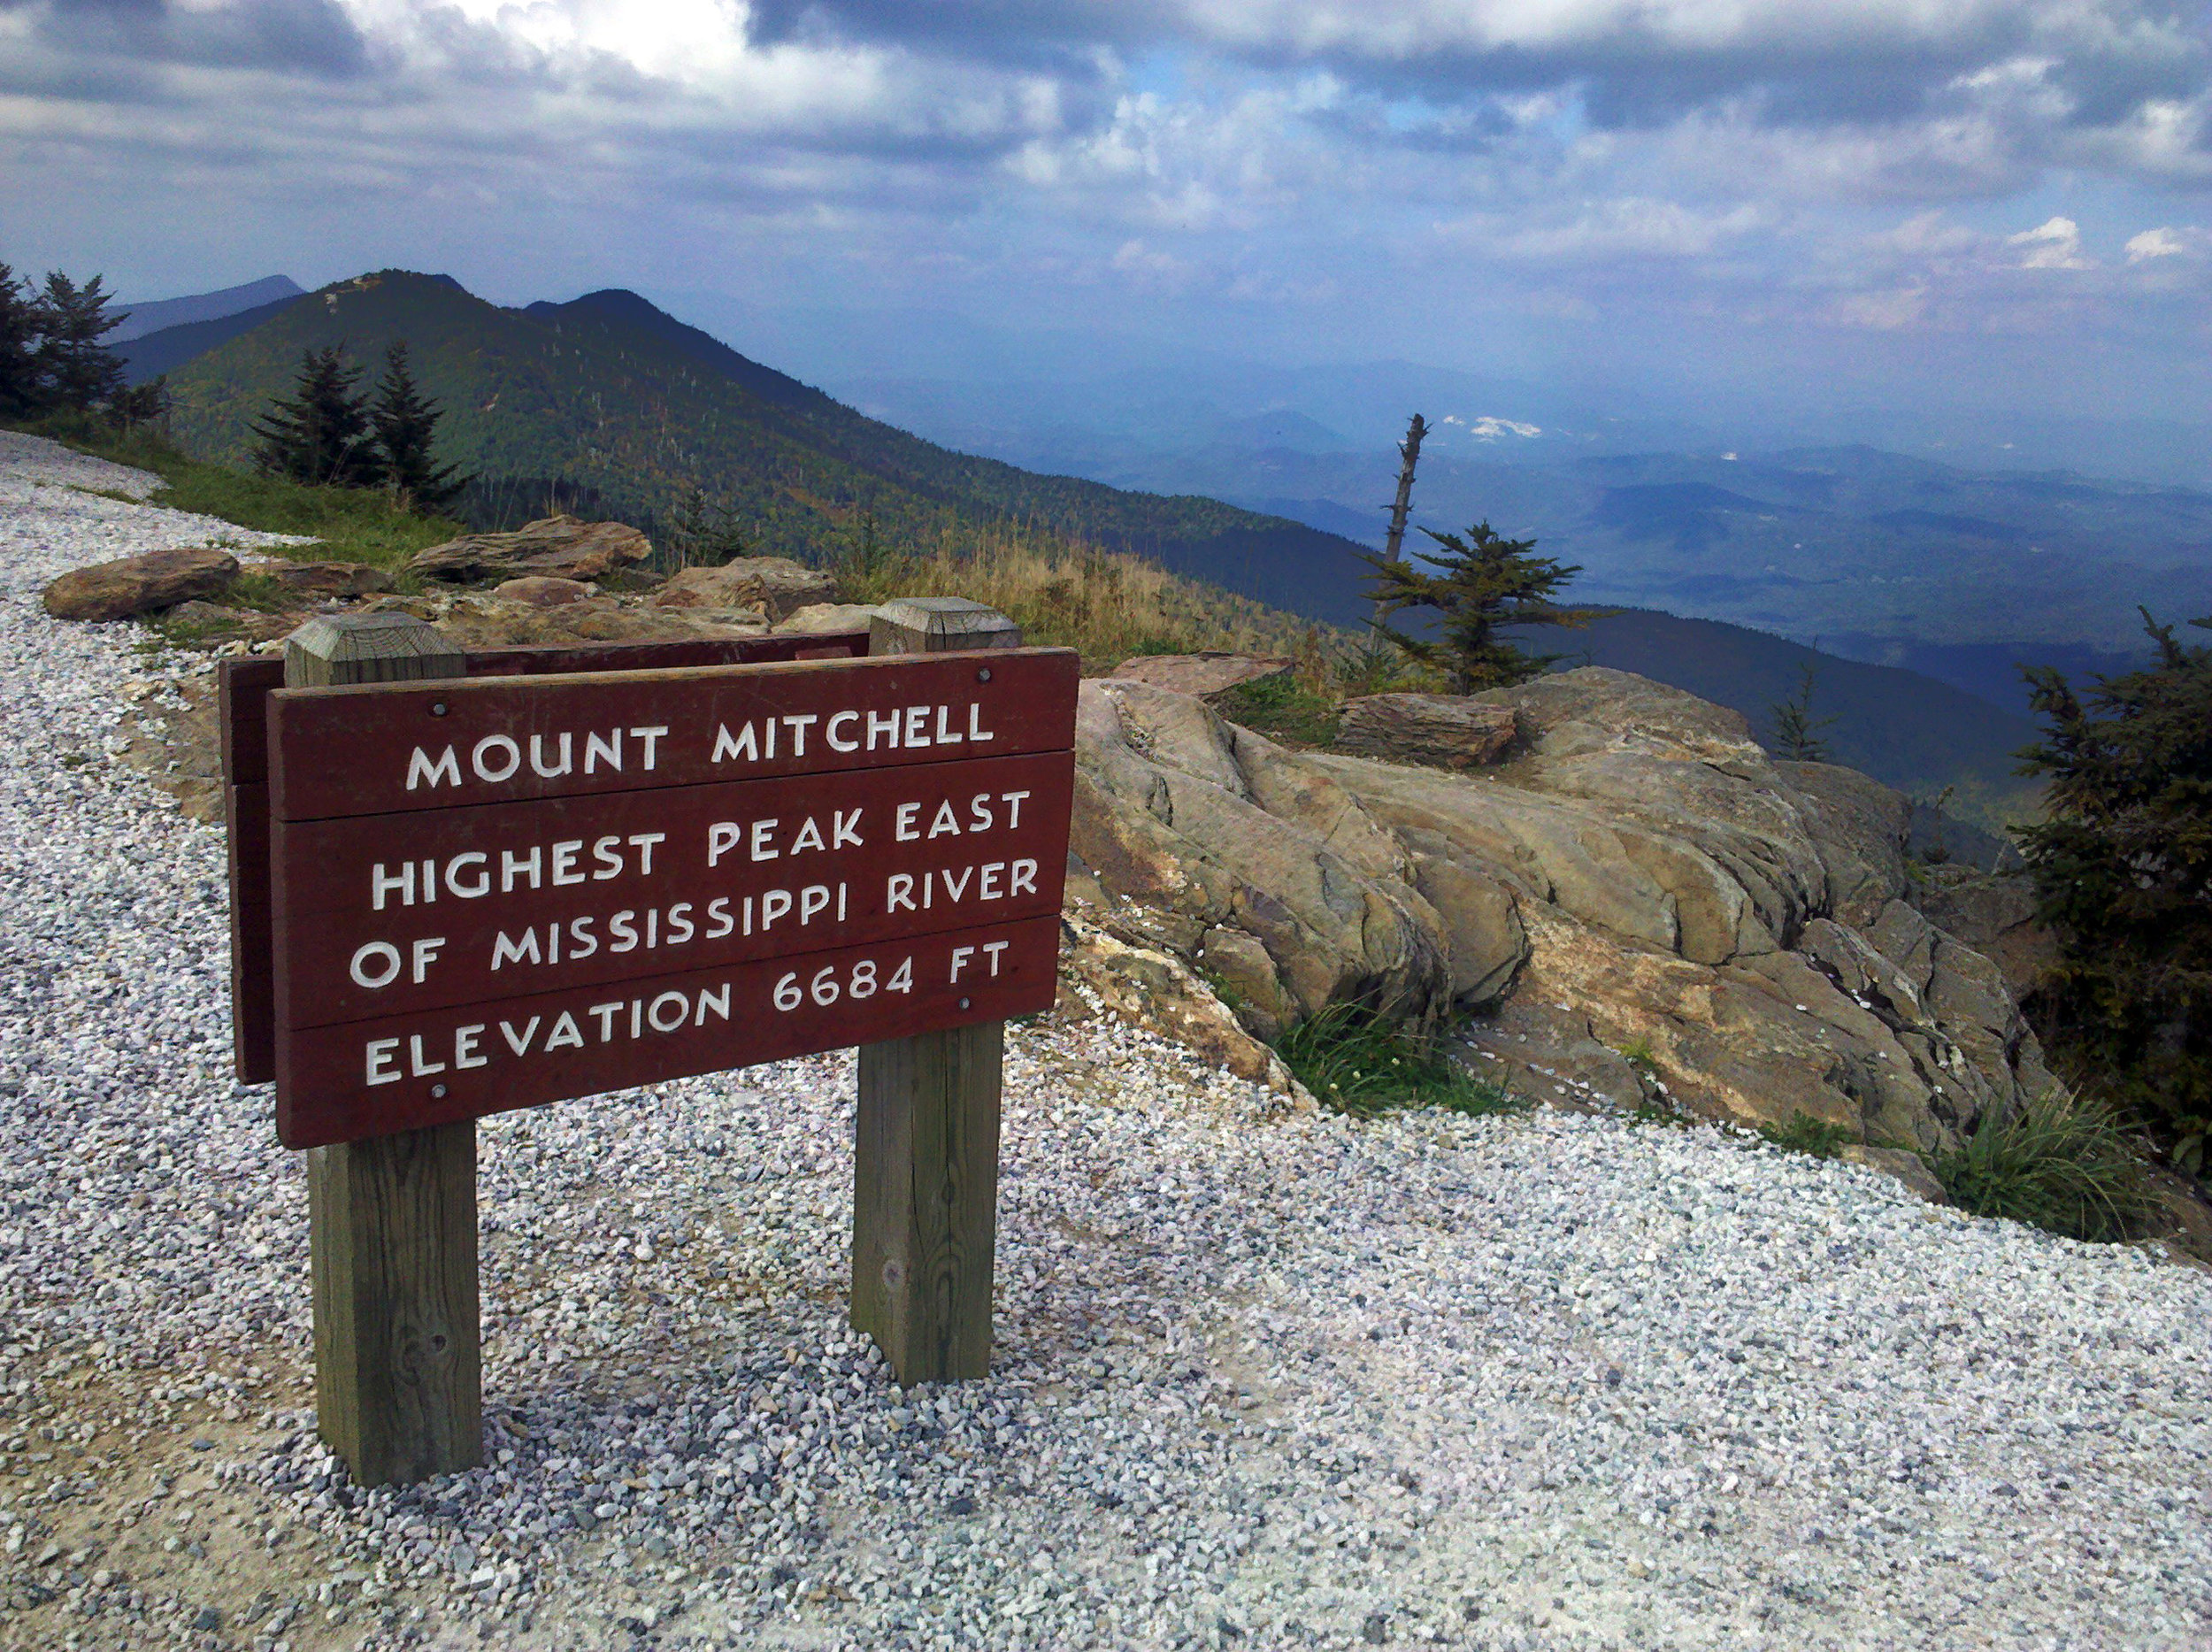 Mount_Mitchell_sign.jpg